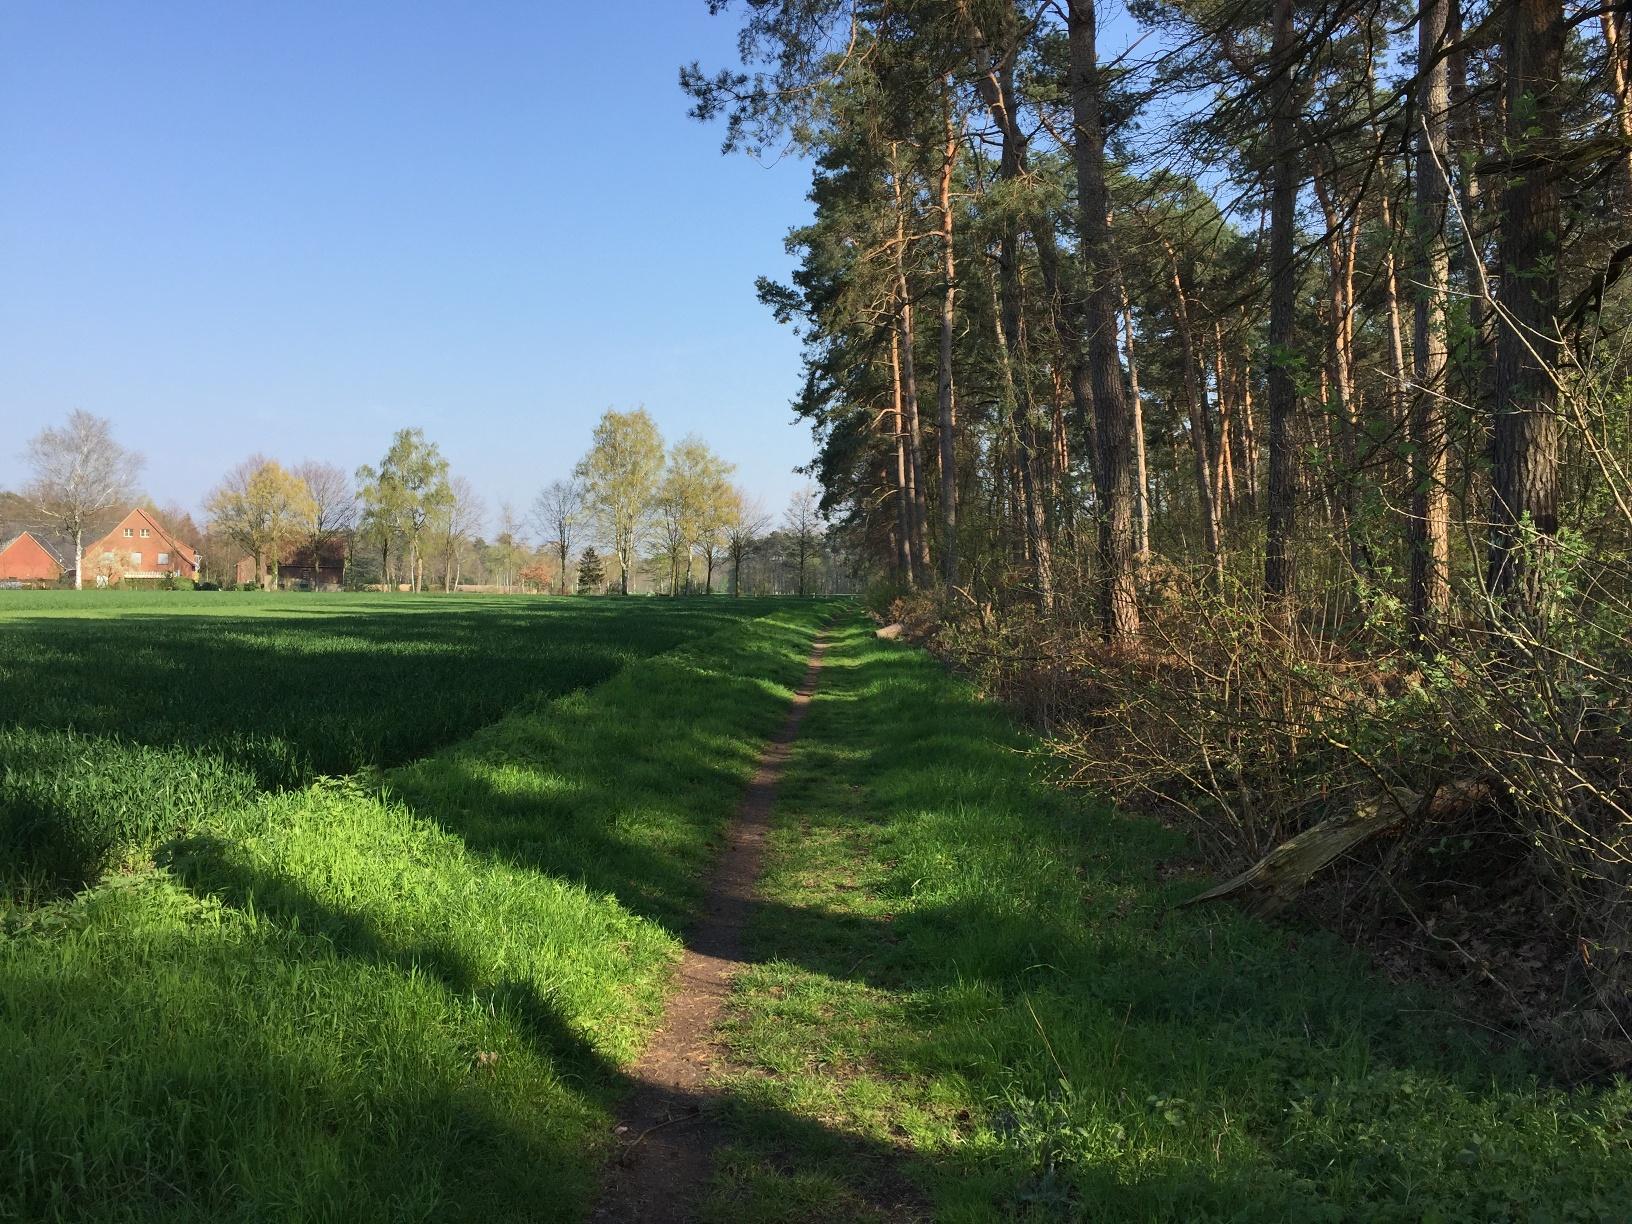 Am Waldrand hat man einen schönen Blick